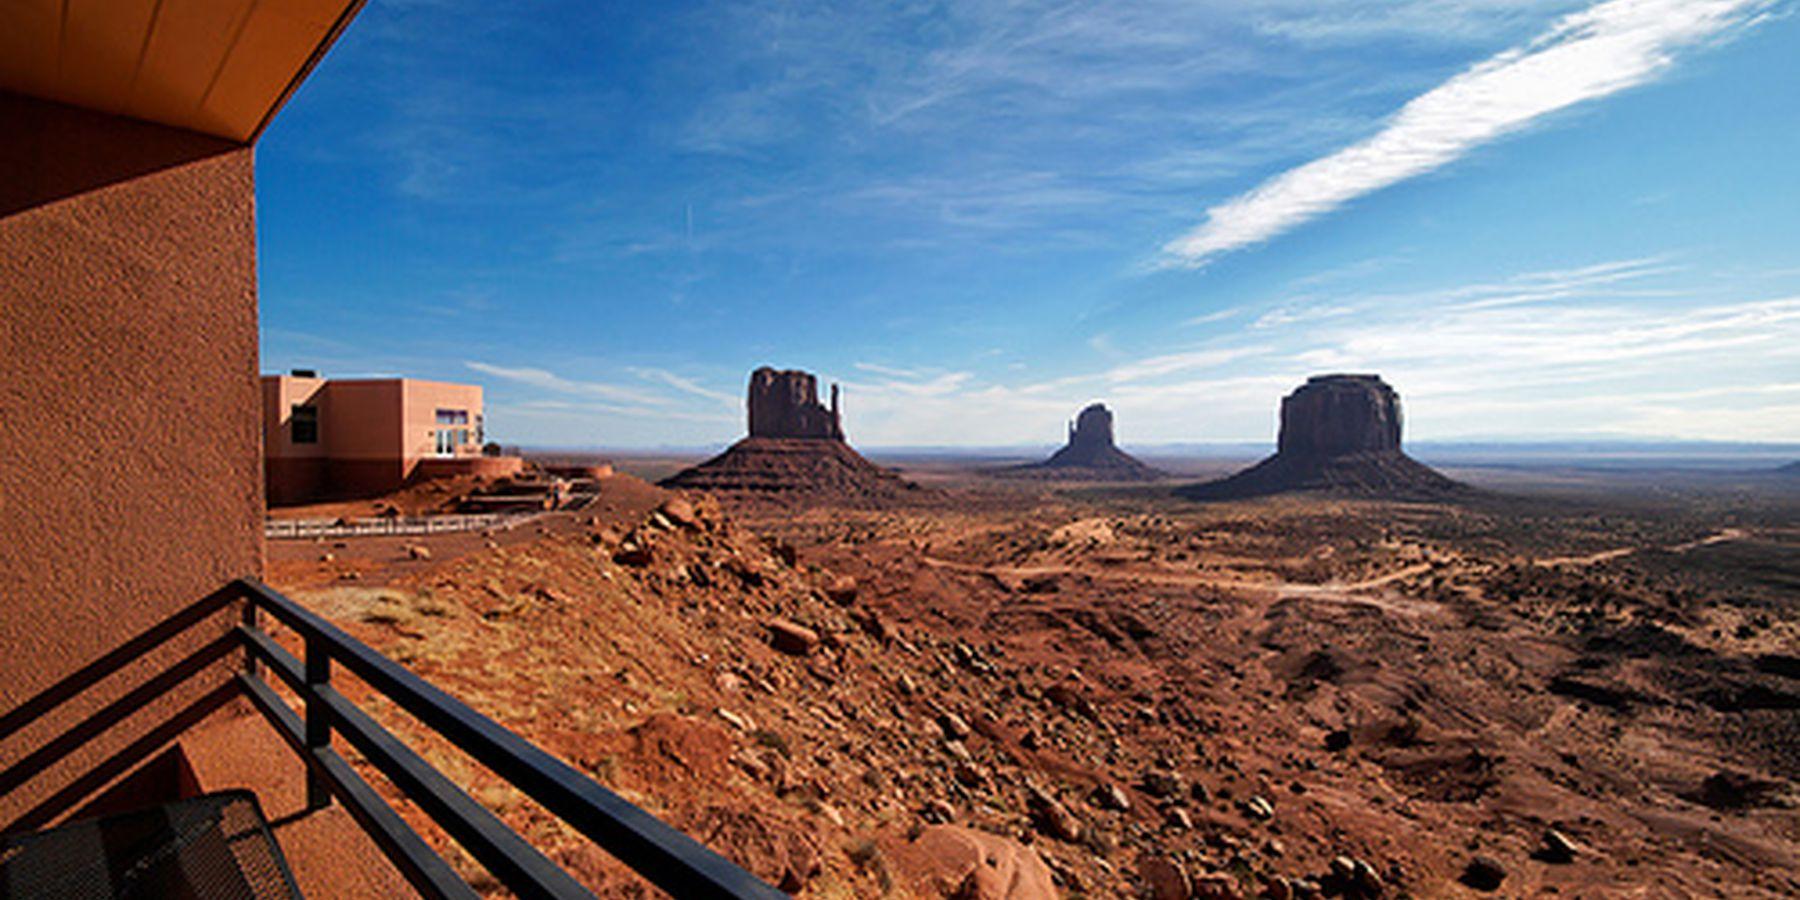 View Hotel Monument Valley - uitzicht